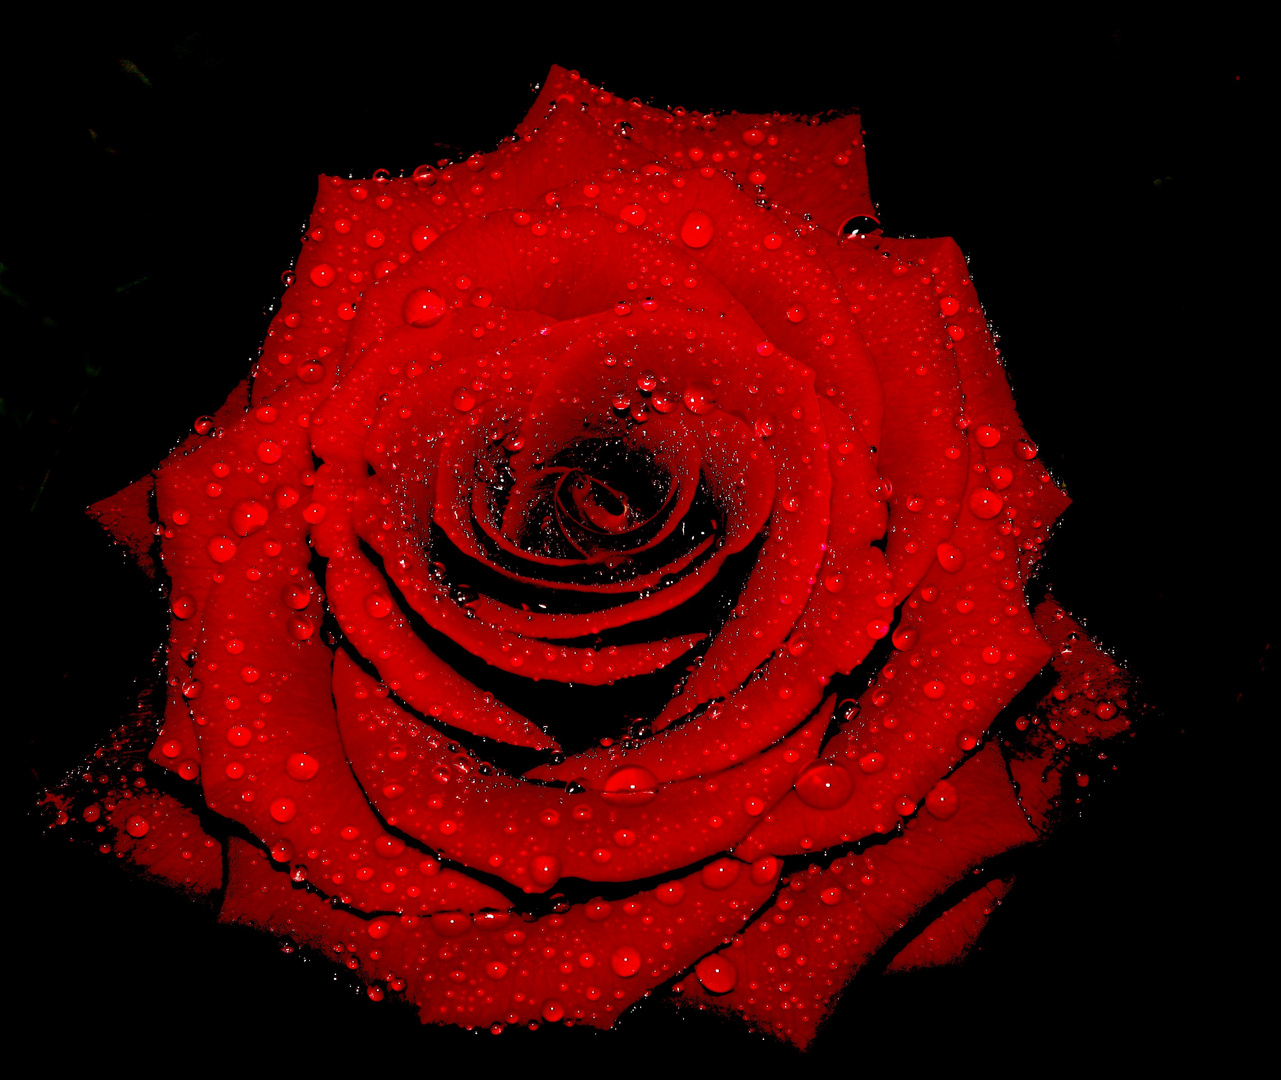 pleures pas m'am Rose